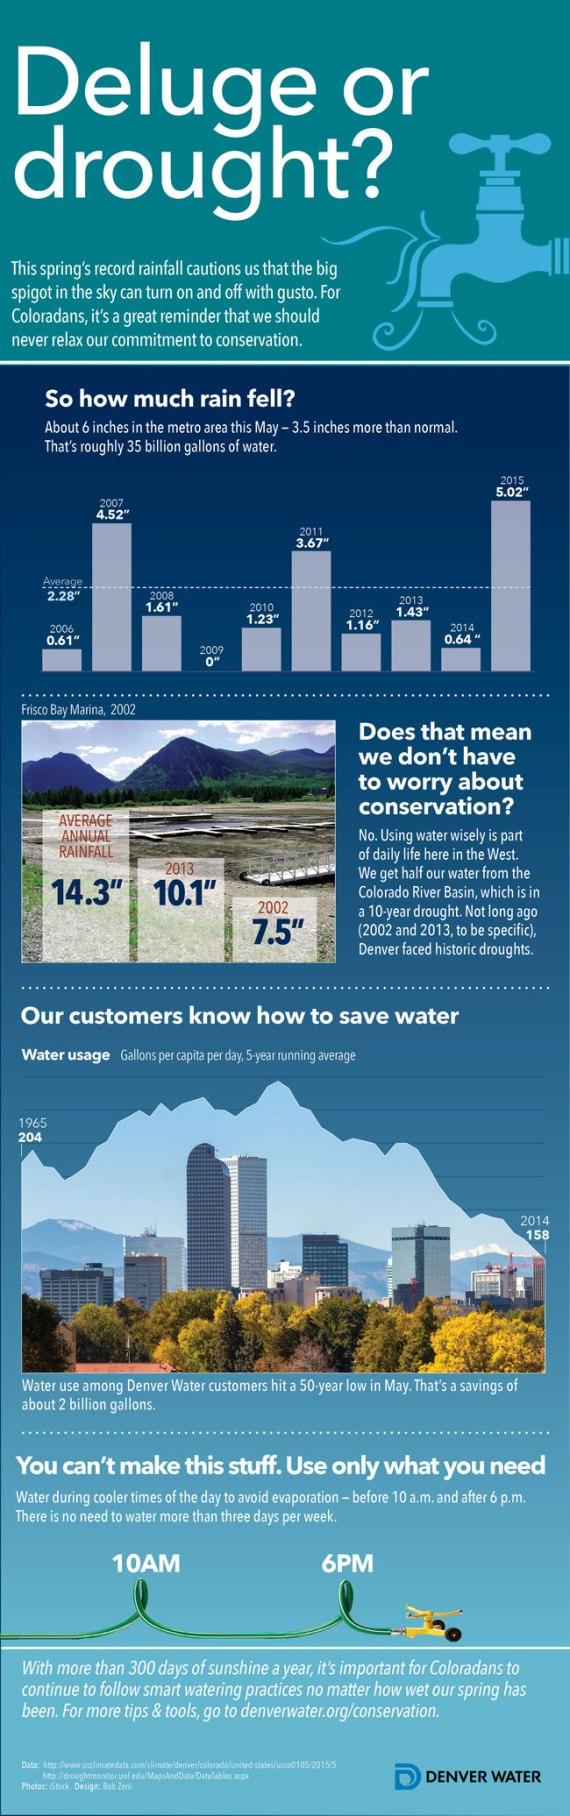 Denver-Water-Saving-Water-Infographic-web